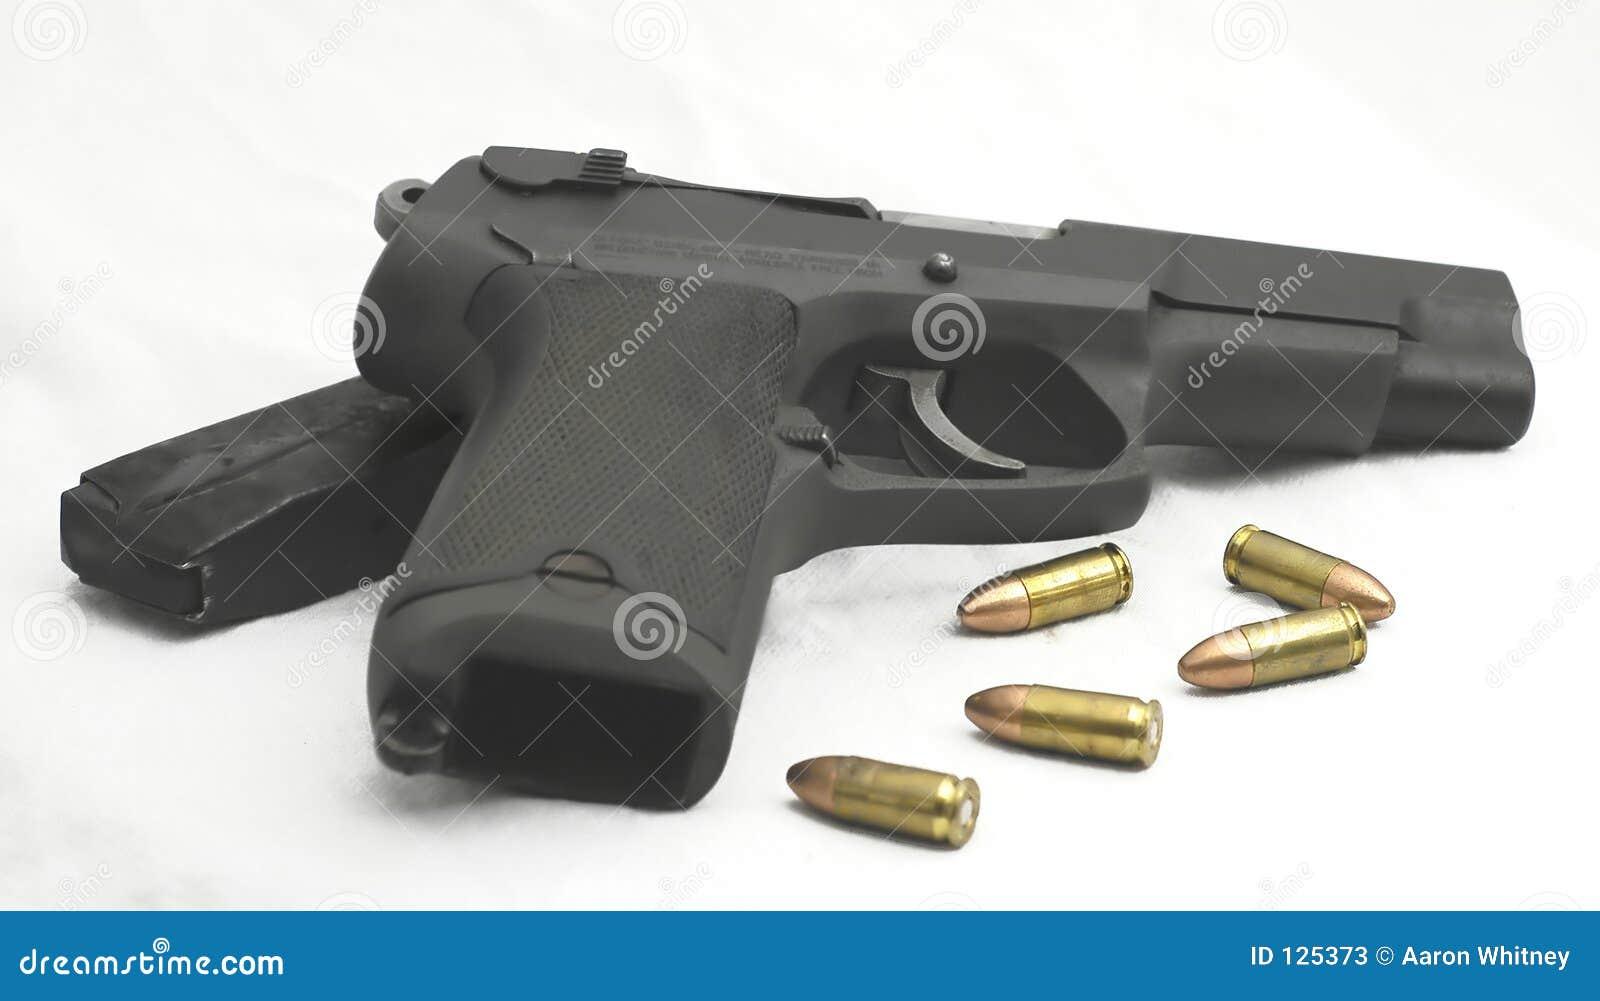 Kaliber 9 mm,